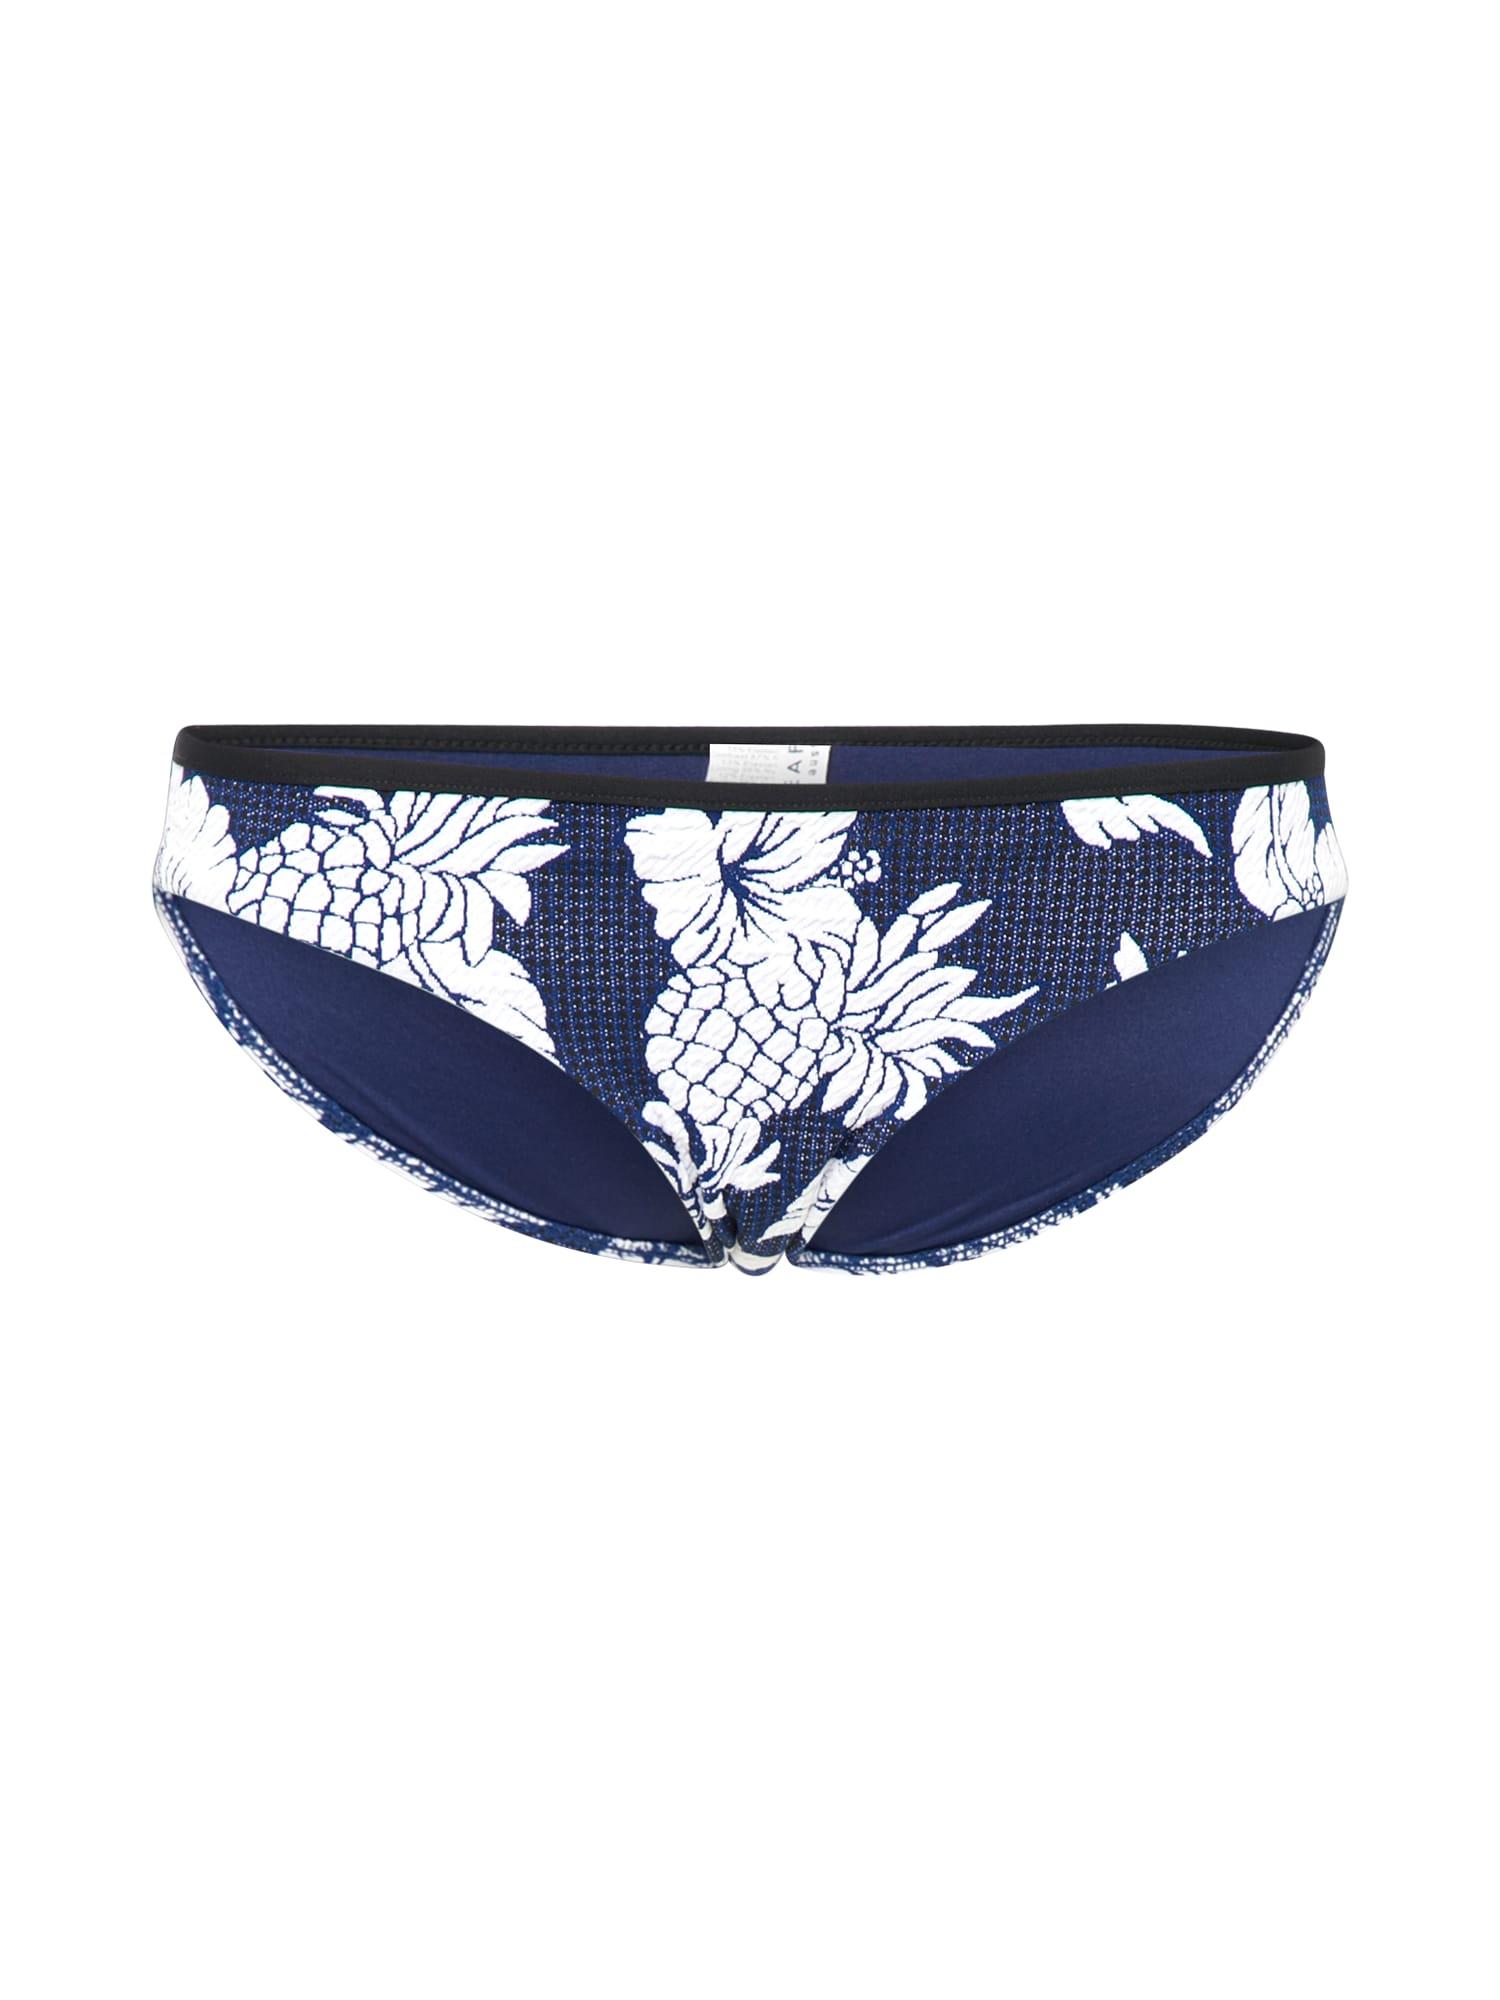 Spodní díl plavek Hipster královská modrá tmavě modrá bílá Seafolly